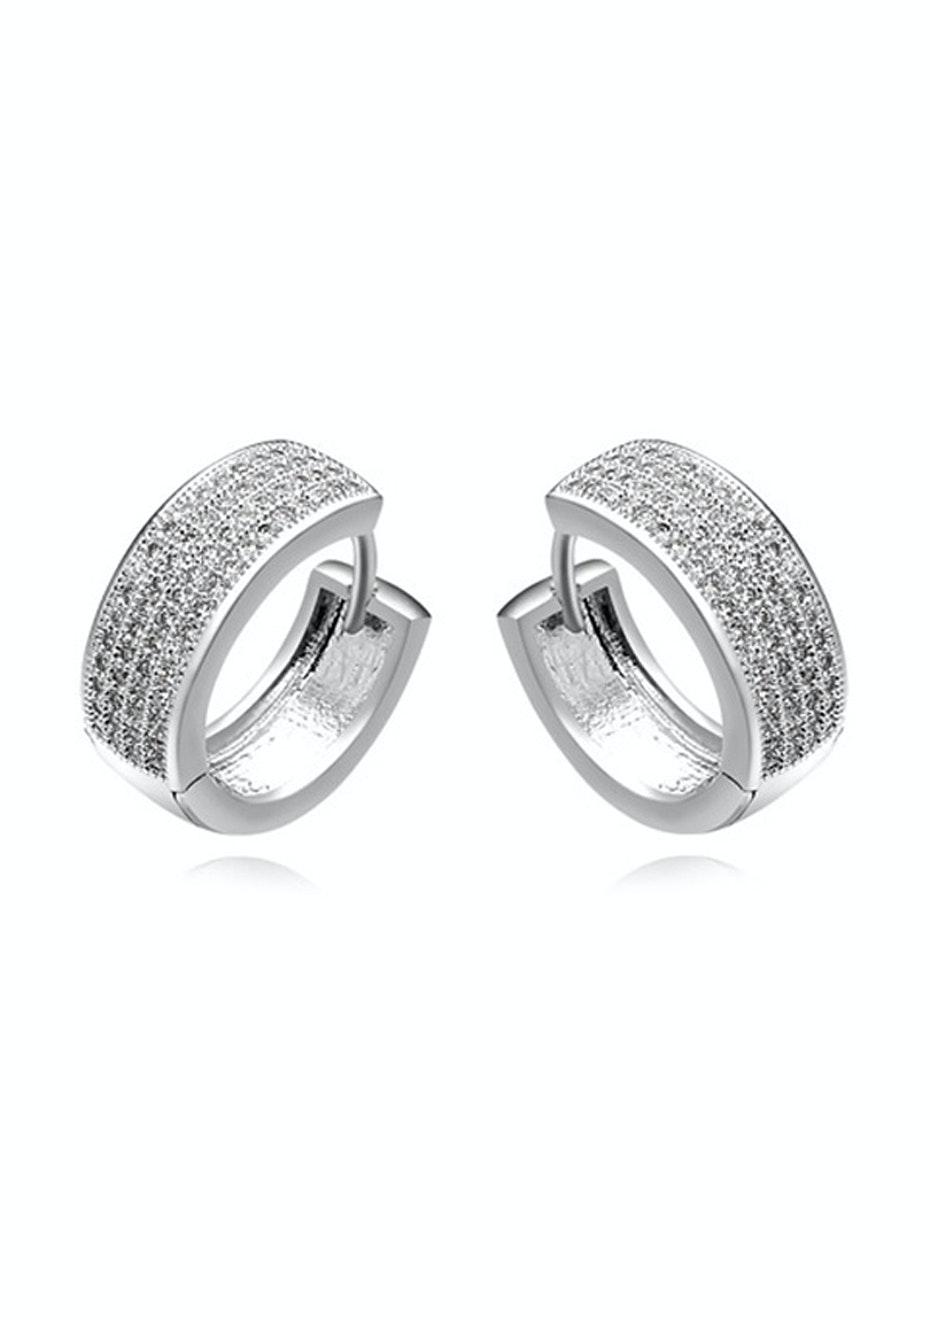 Isidora Hug Earrings Ft Swarovski Elements -WG